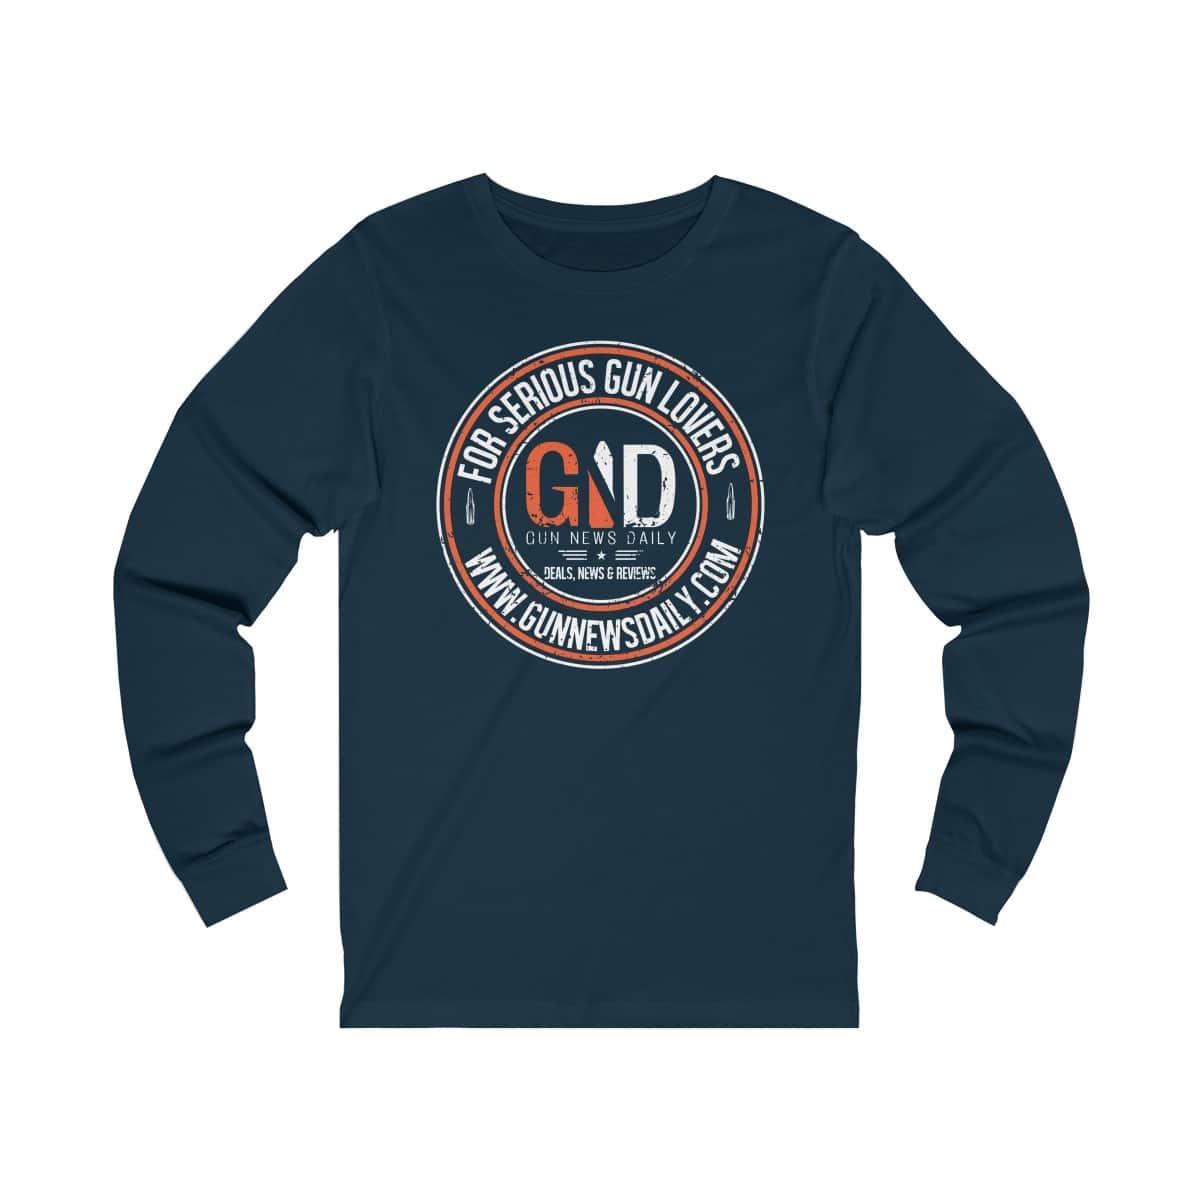 gnd for serious gun lovers shirt 10